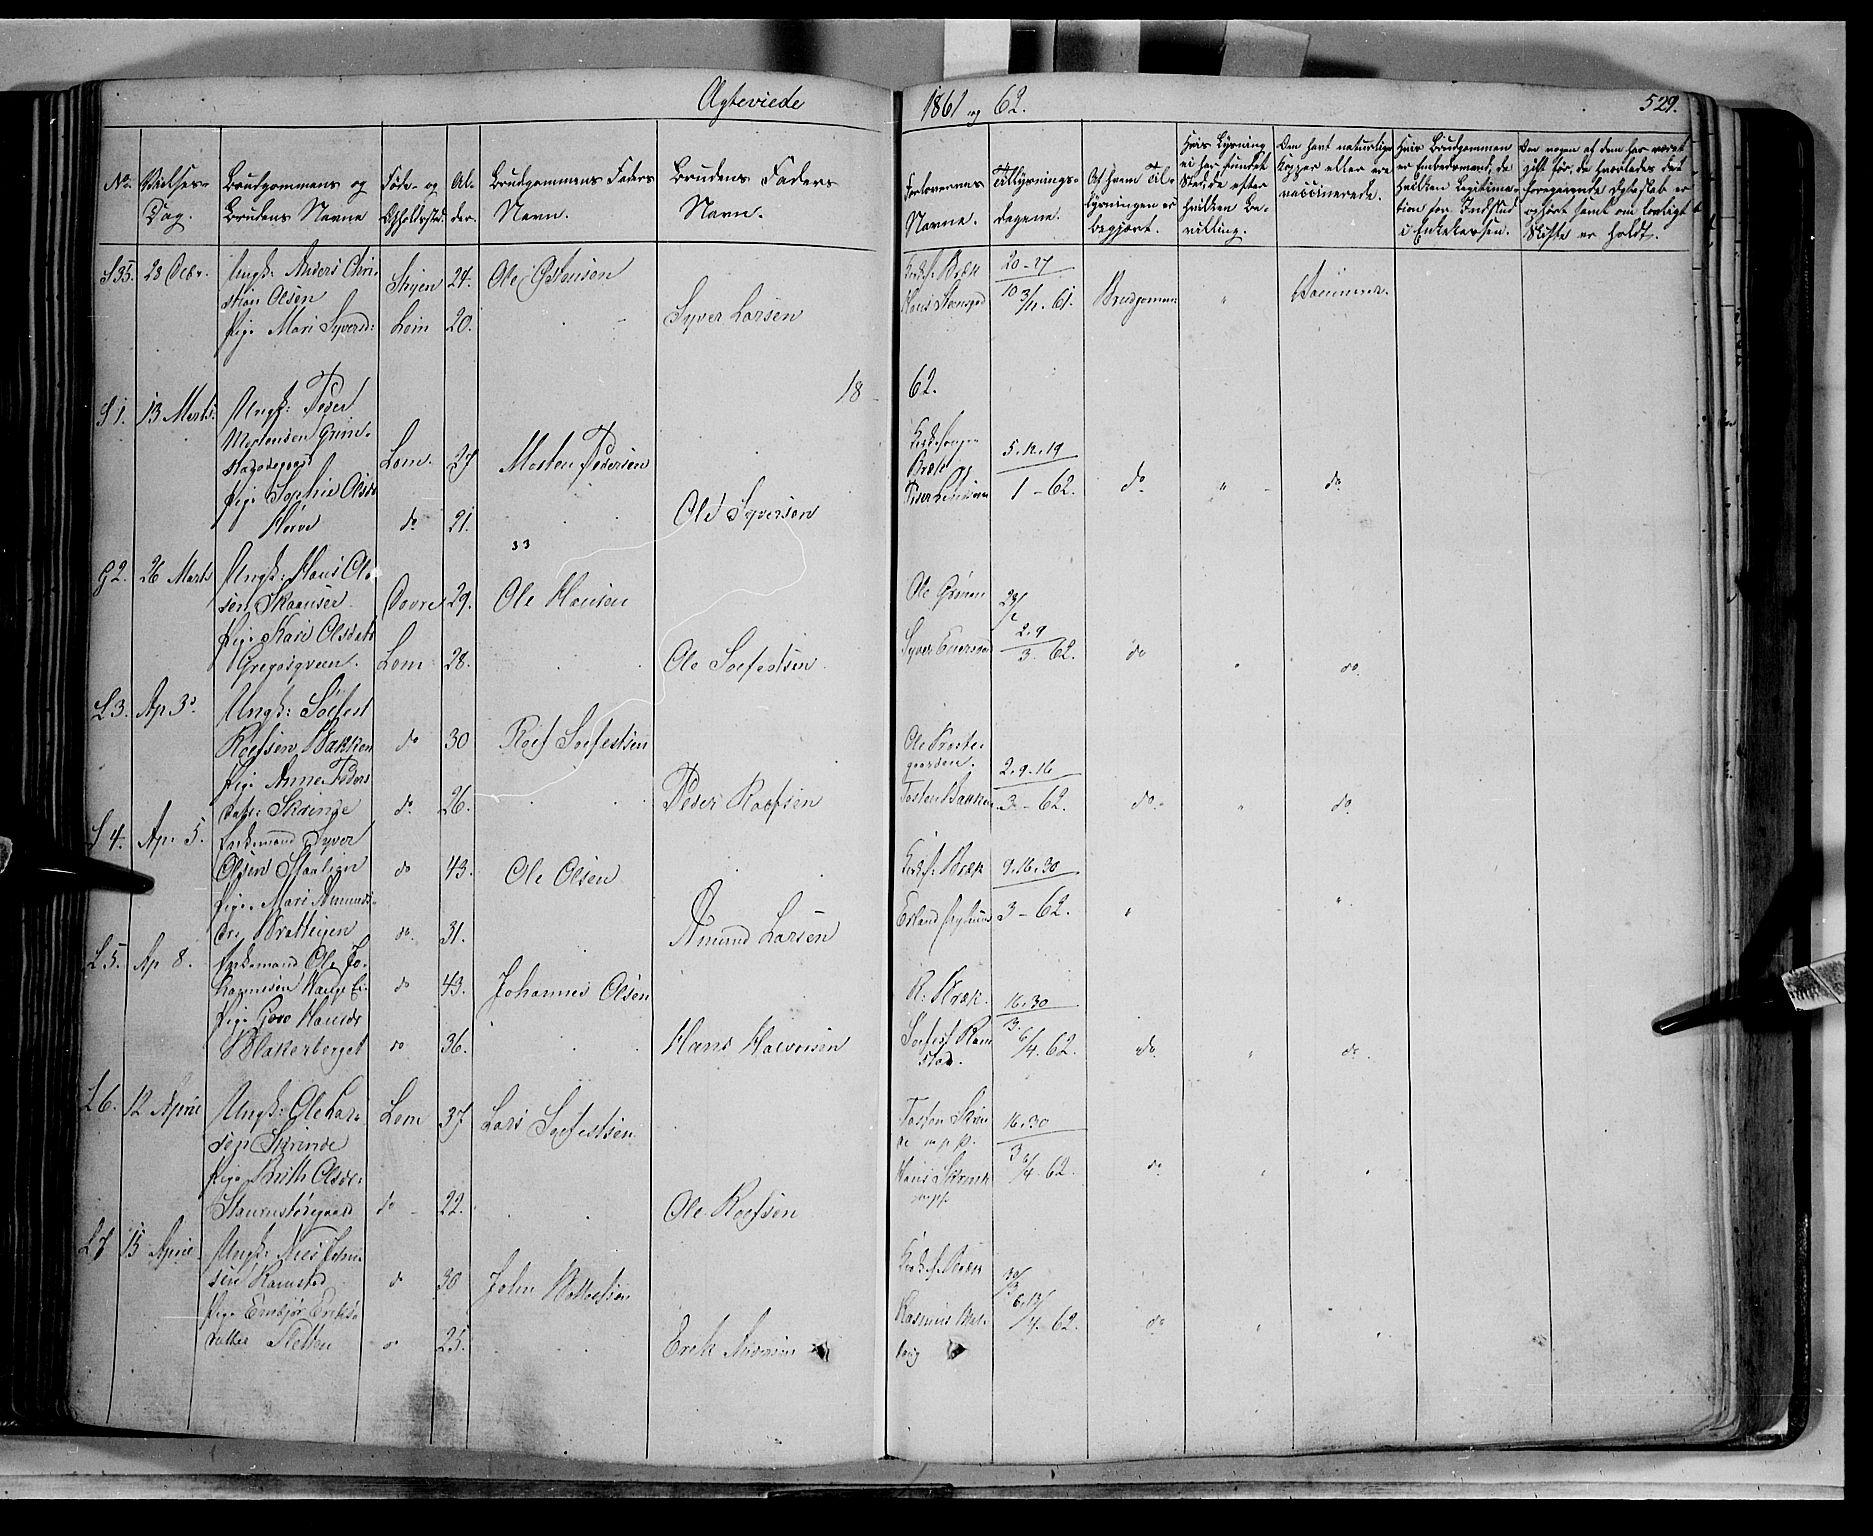 SAH, Lom prestekontor, K/L0006: Ministerialbok nr. 6B, 1837-1863, s. 529